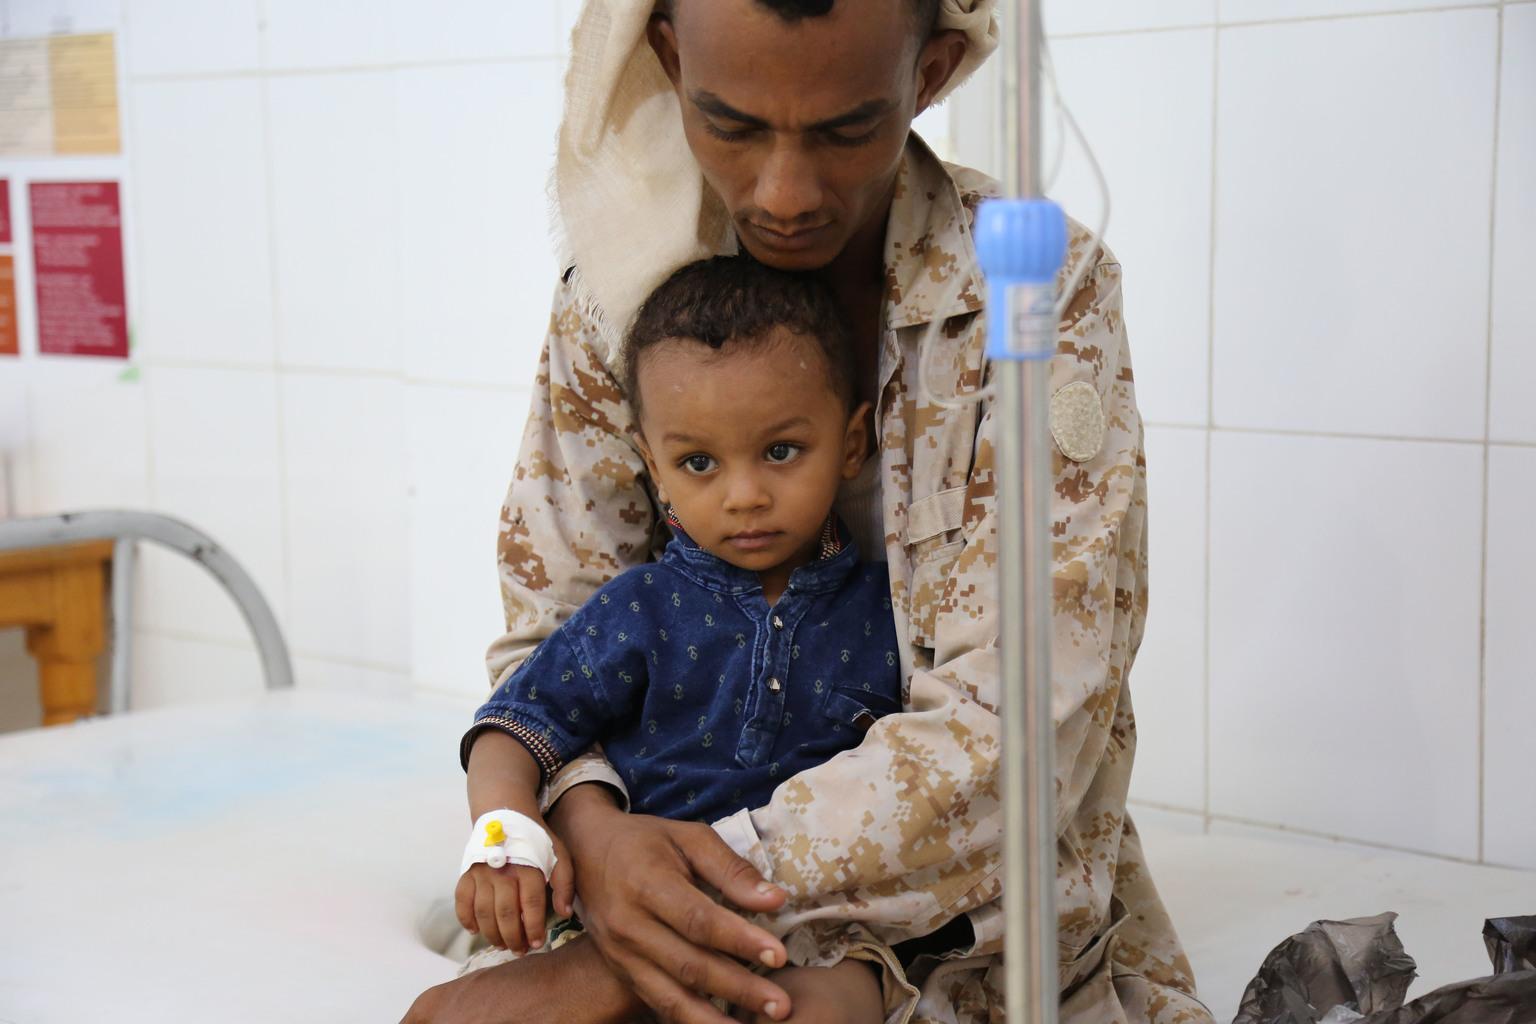 Le lundi 14 août 2017 : Un père tient son enfant souffrant du choléra alors que le petit reçoit un traitement...